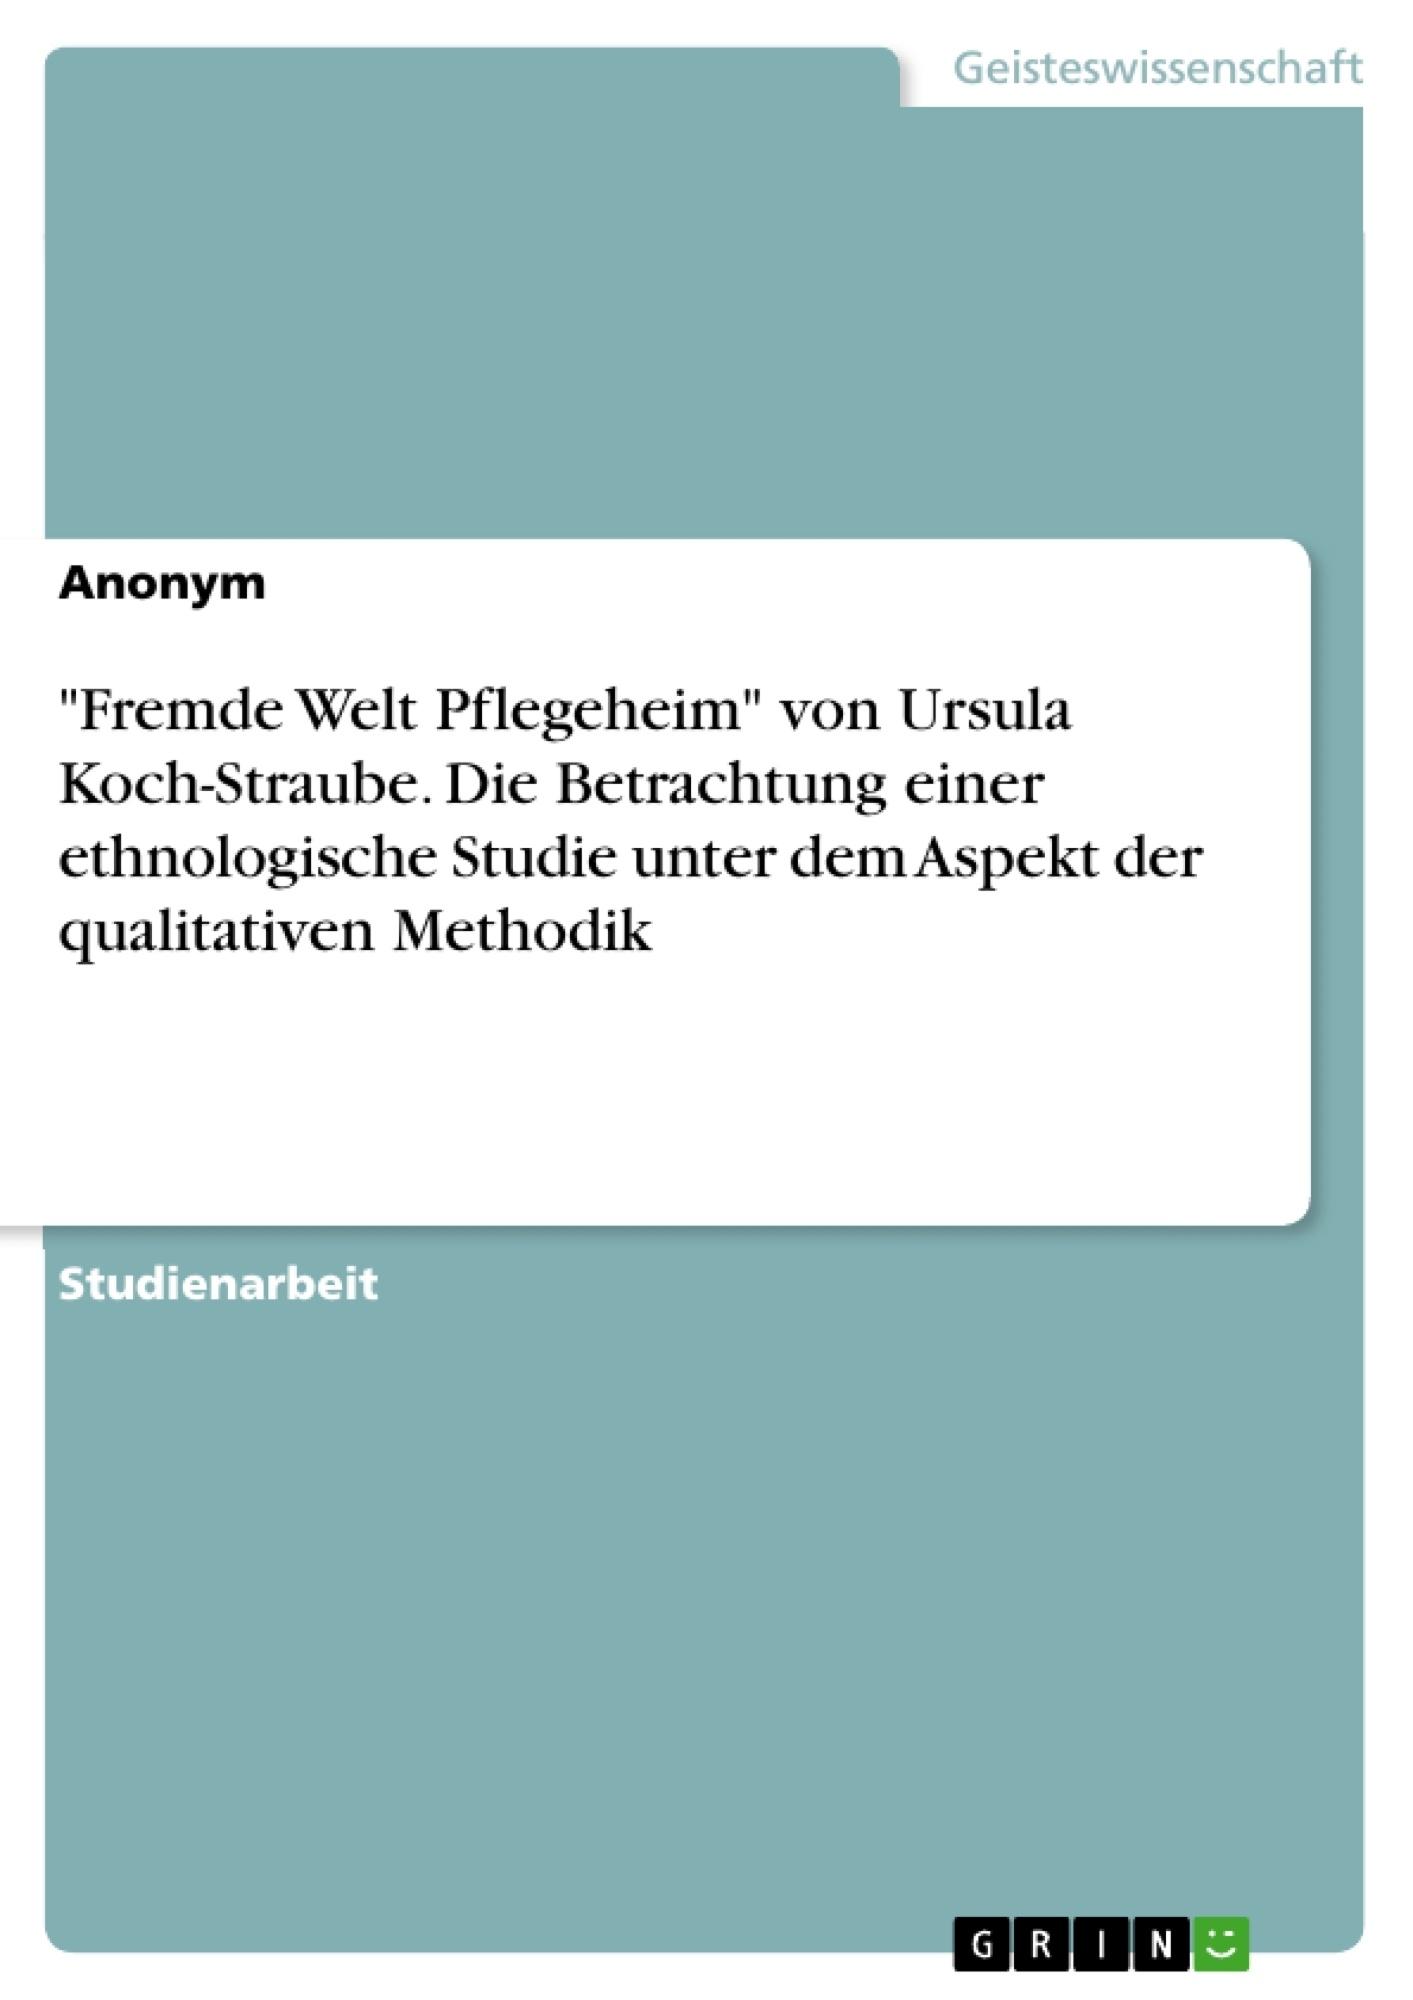 """Titel: """"Fremde Welt Pflegeheim"""" von Ursula Koch-Straube. Die Betrachtung einer ethnologische Studie unter dem Aspekt der qualitativen Methodik"""